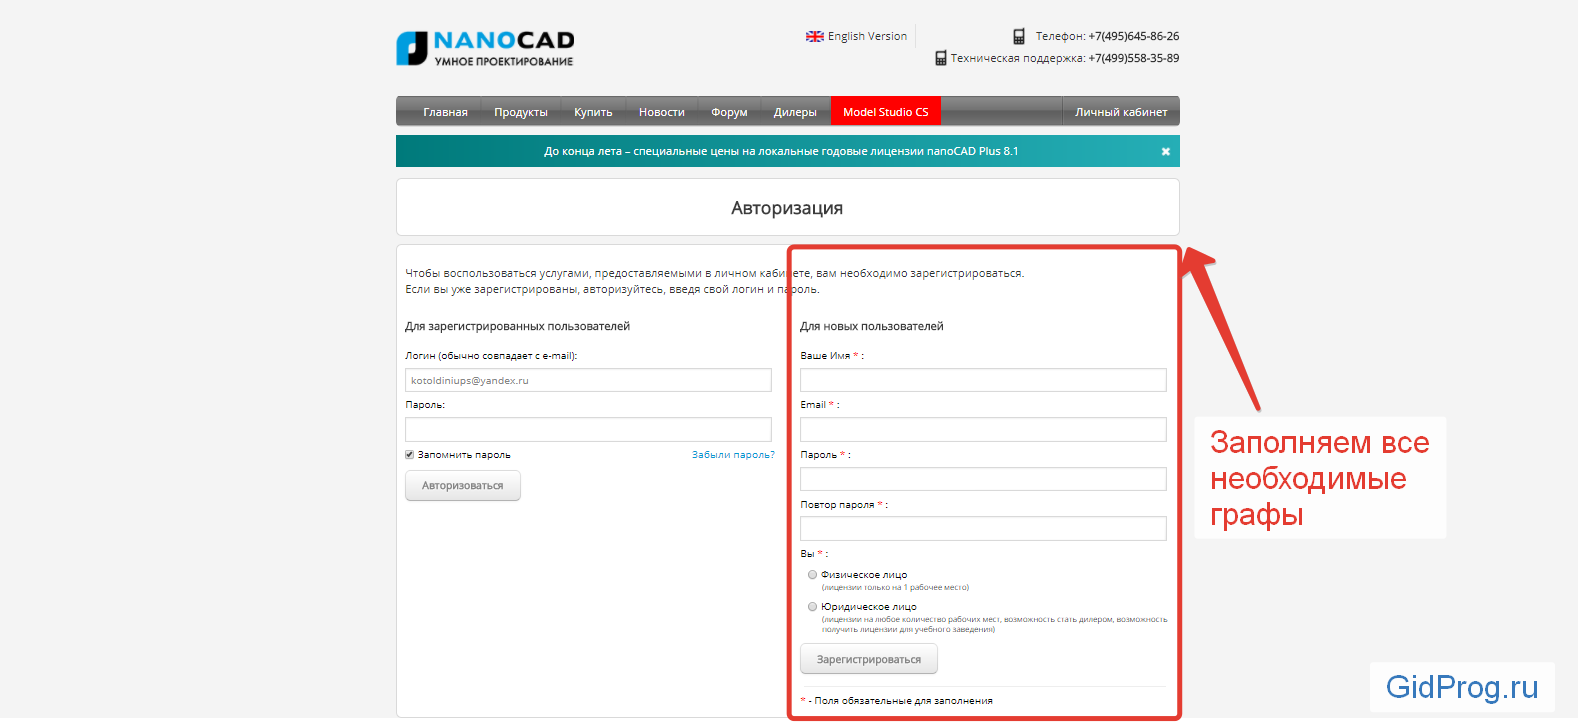 Как зарегестрироваться в Nanocad